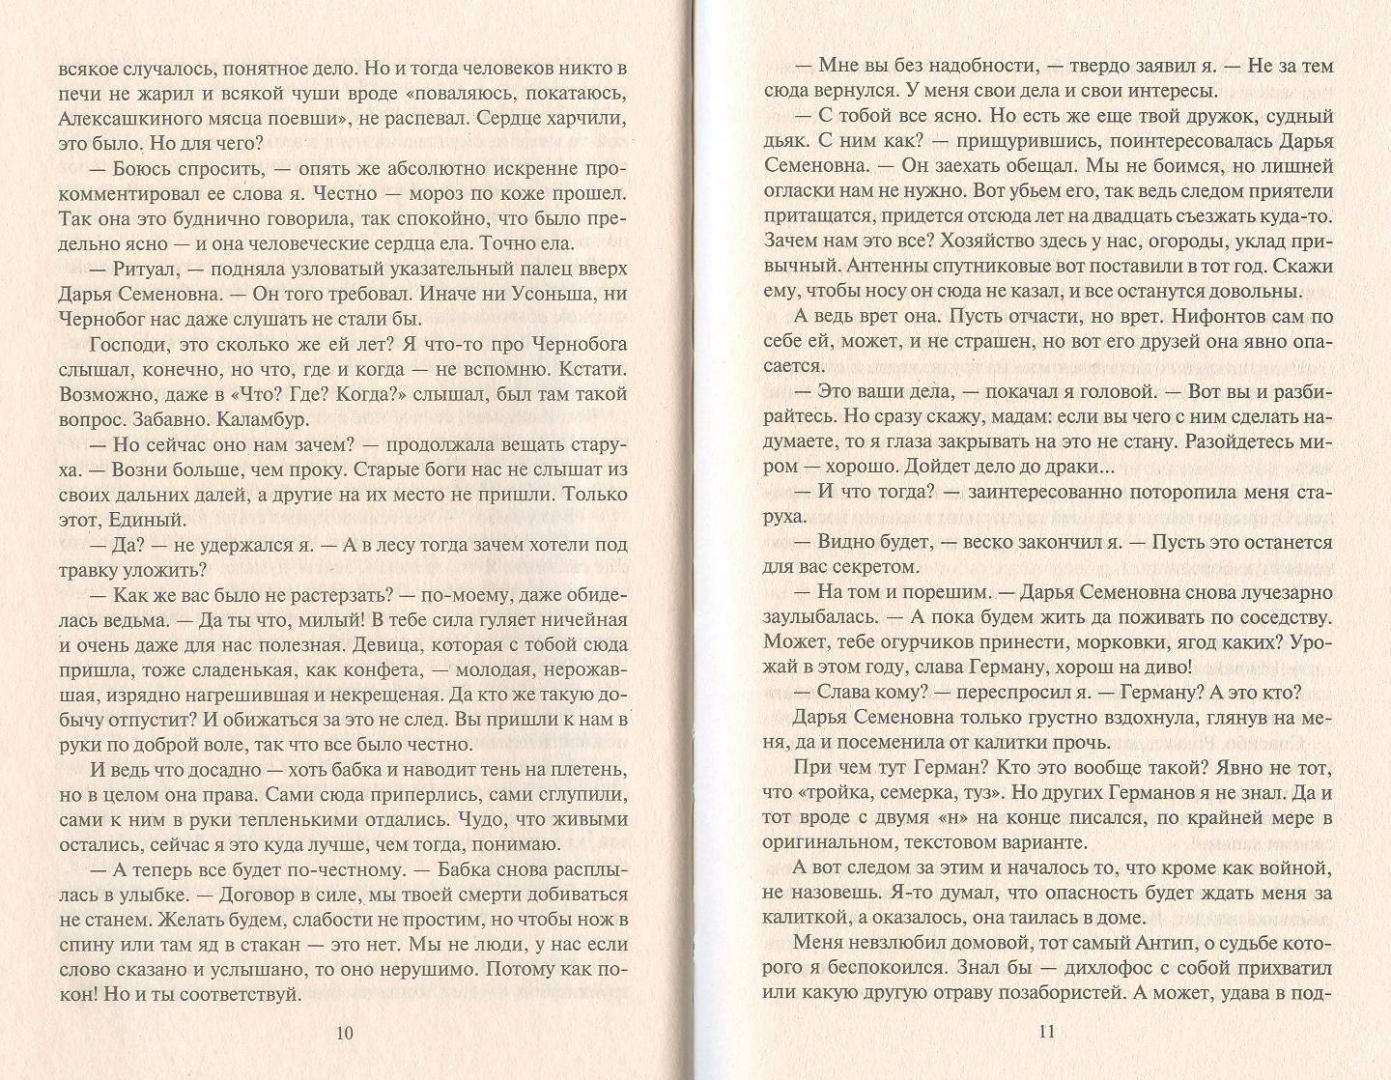 Иллюстрация 26 из 30 для Знаки Ночи - Андрей Васильев   Лабиринт - книги. Источник: Яровая Ирина